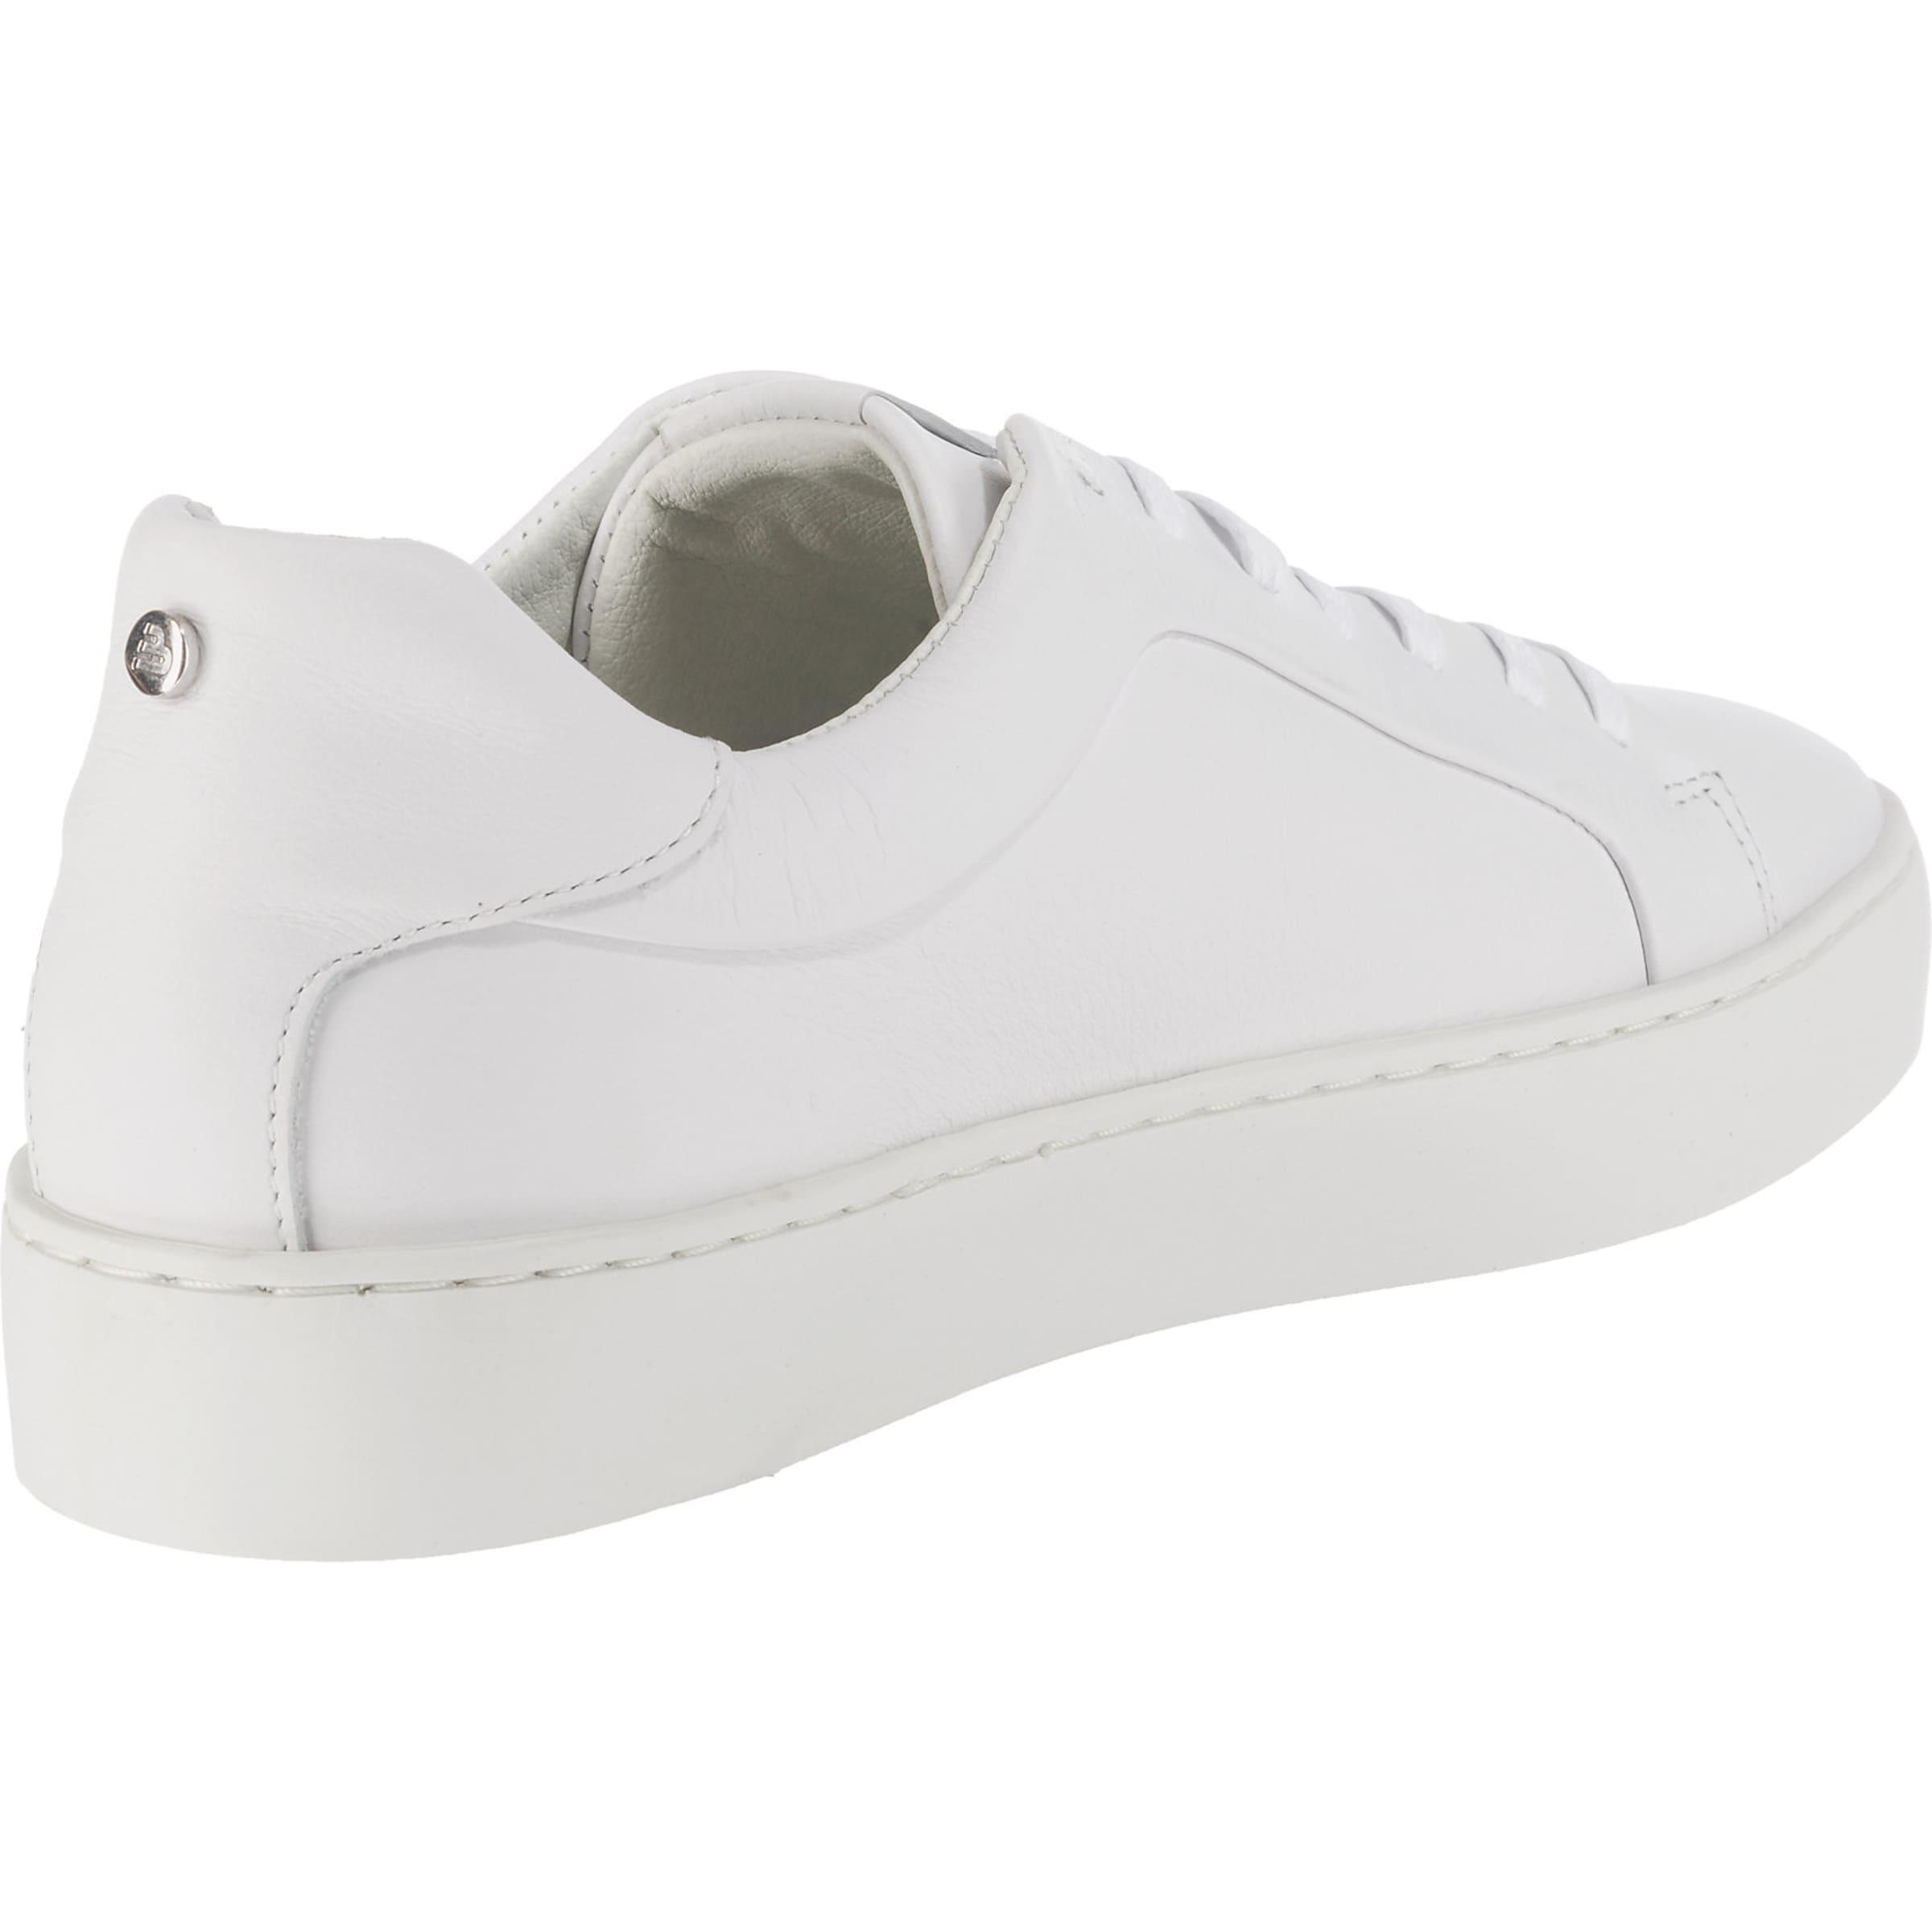 Hohe Qualität Günstiger Preis BULLBOXER Sneakers Low  Verkaufsschlager gzf4WFoM